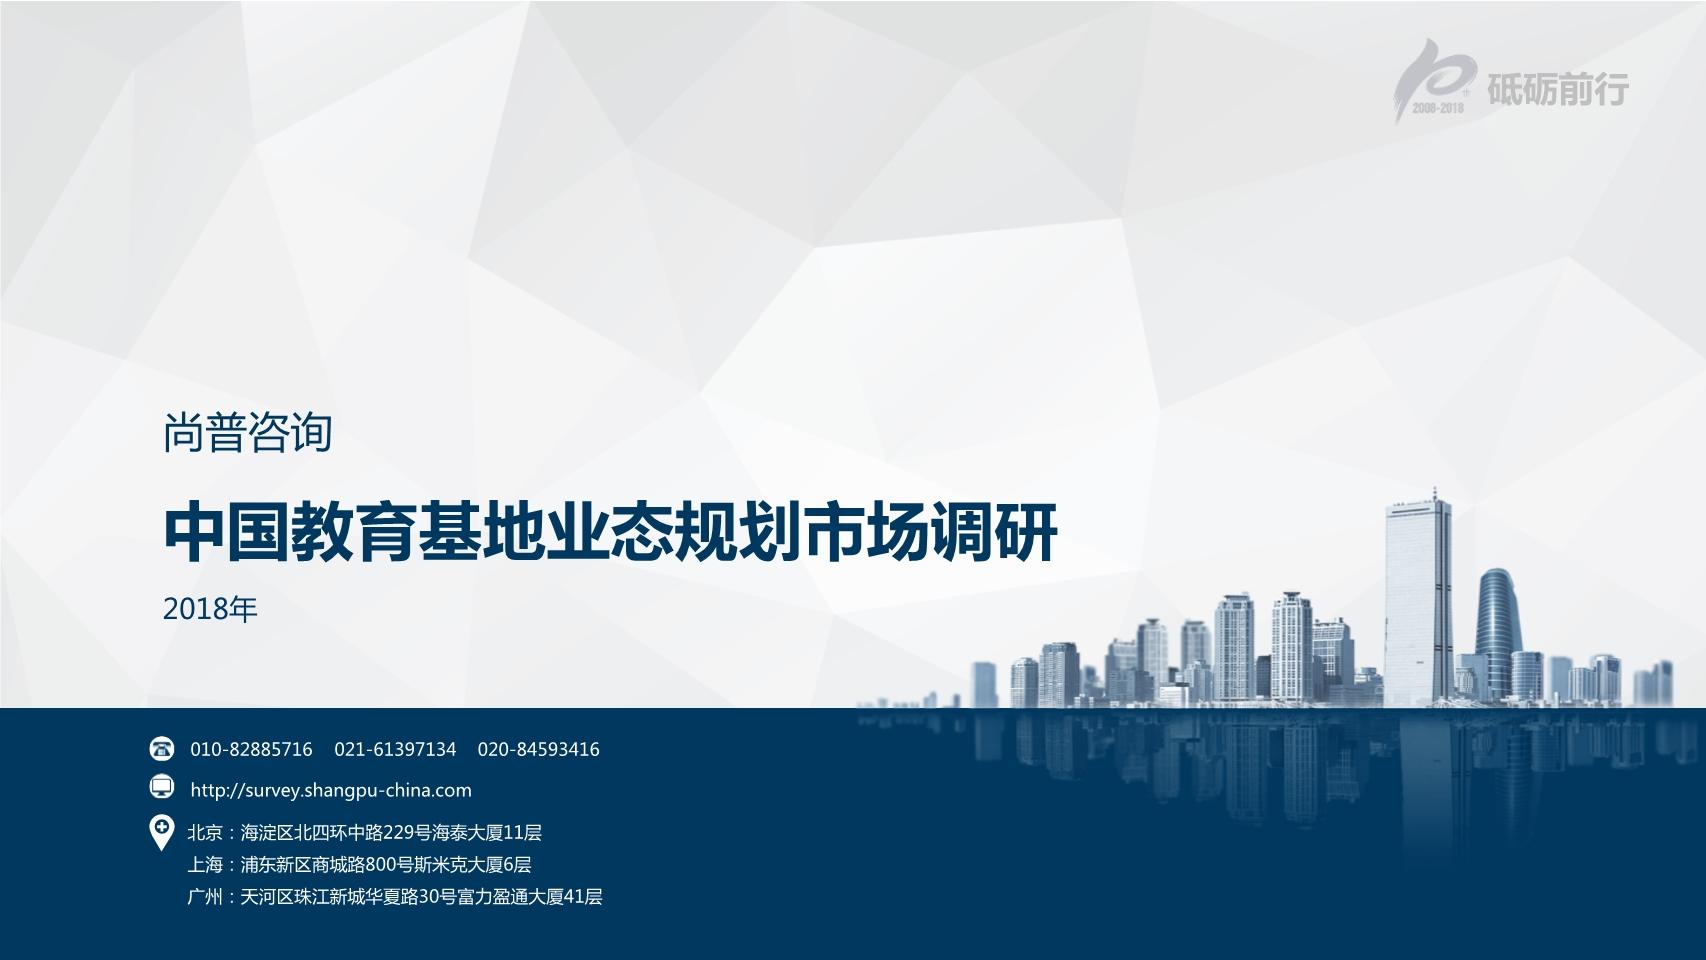 尚普咨询-中国教育基地业态规划市场调研